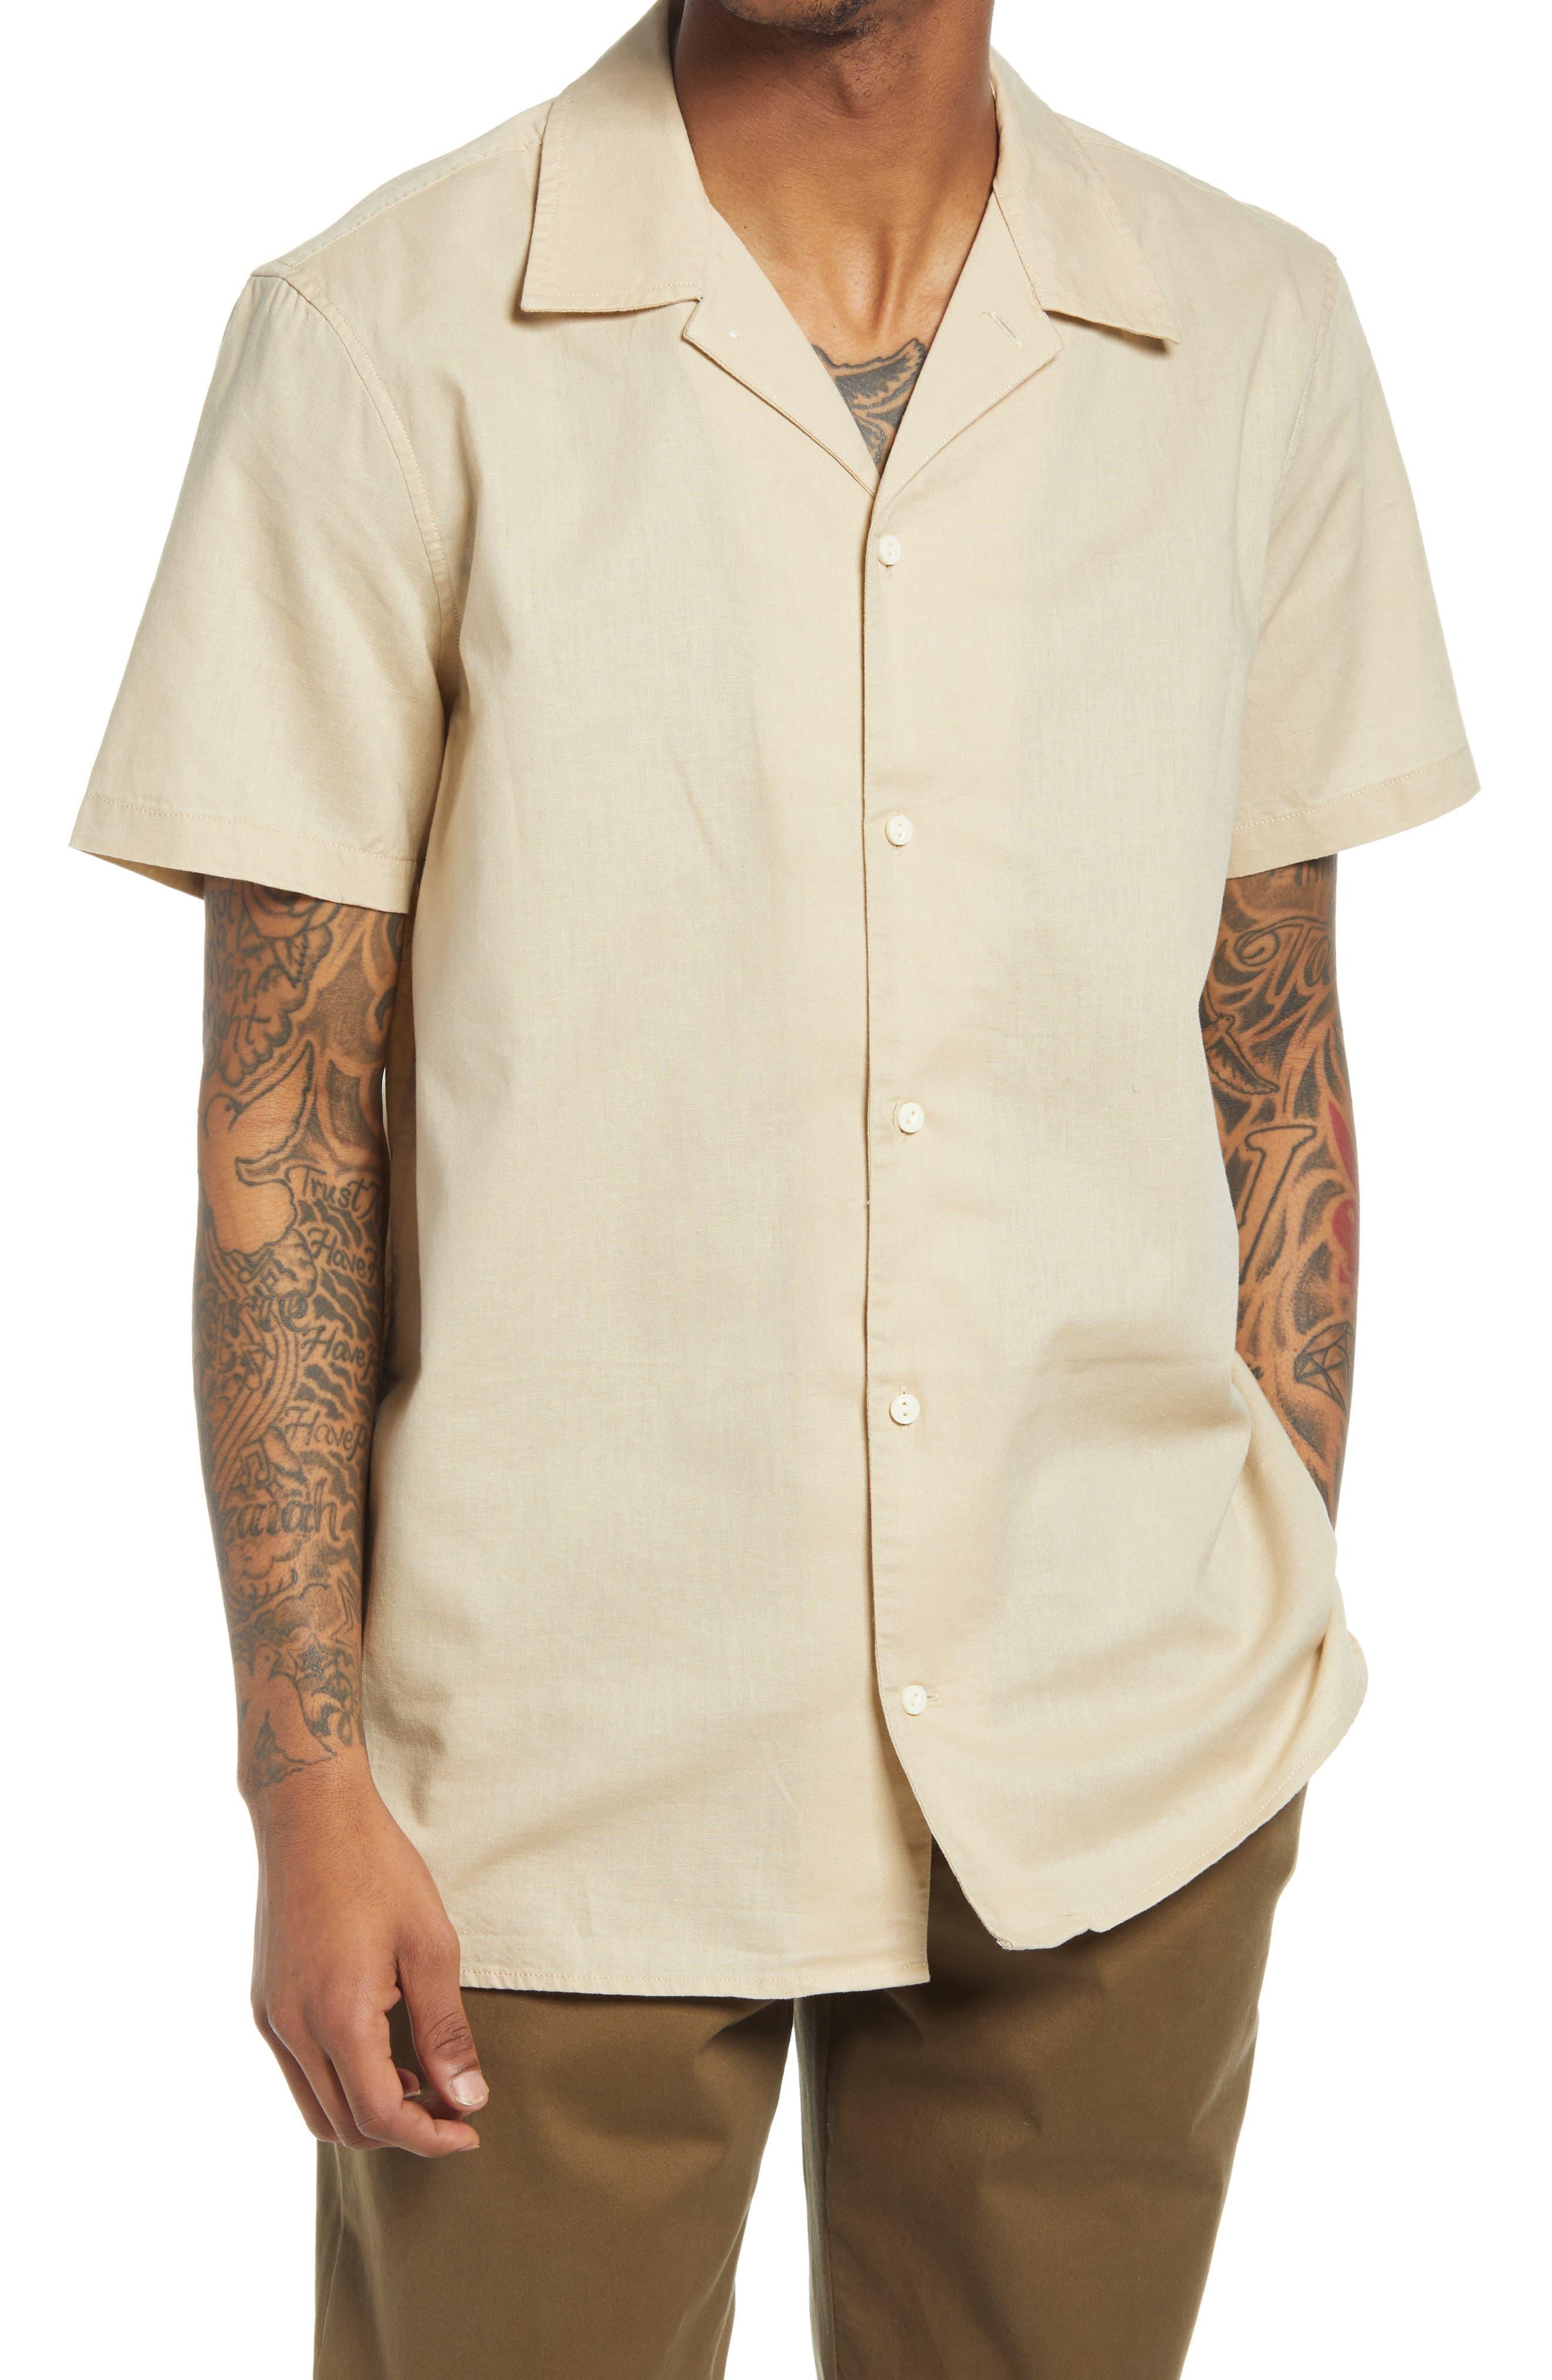 1930s Men's Fashion Guide- What Did Men Wear? Mens Treasure  Bond Short Sleeve Linen  Cotton Button-Up Camp Shirt Size XXX-Large - Beige $59.50 AT vintagedancer.com